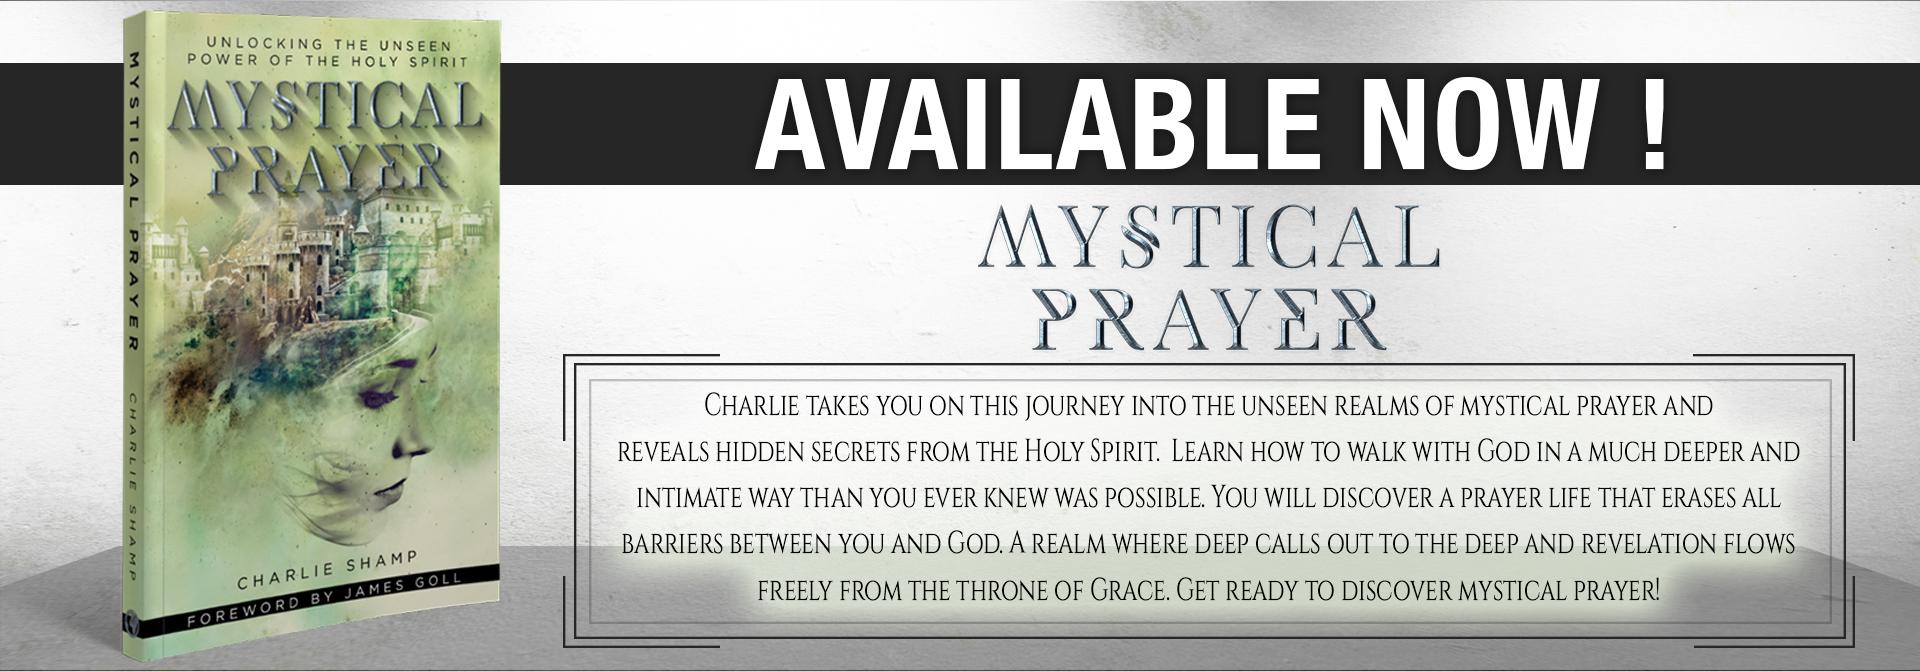 Mystical Prayer Available Now.jpg